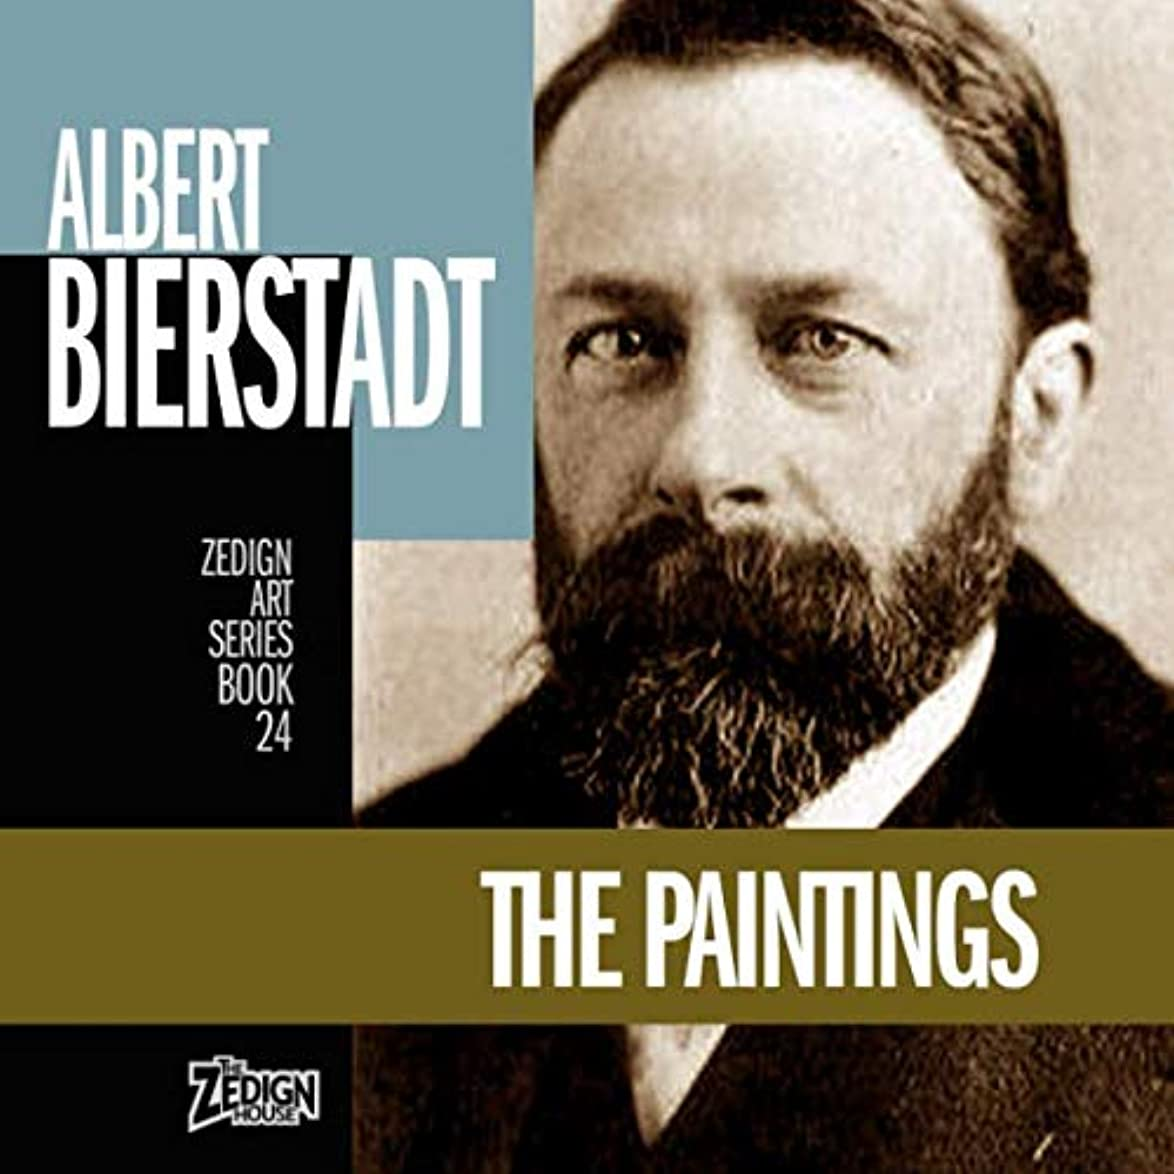 ネブ剣ピカソAlbert Bierstadt - The Paintings (Zedign Art Series)